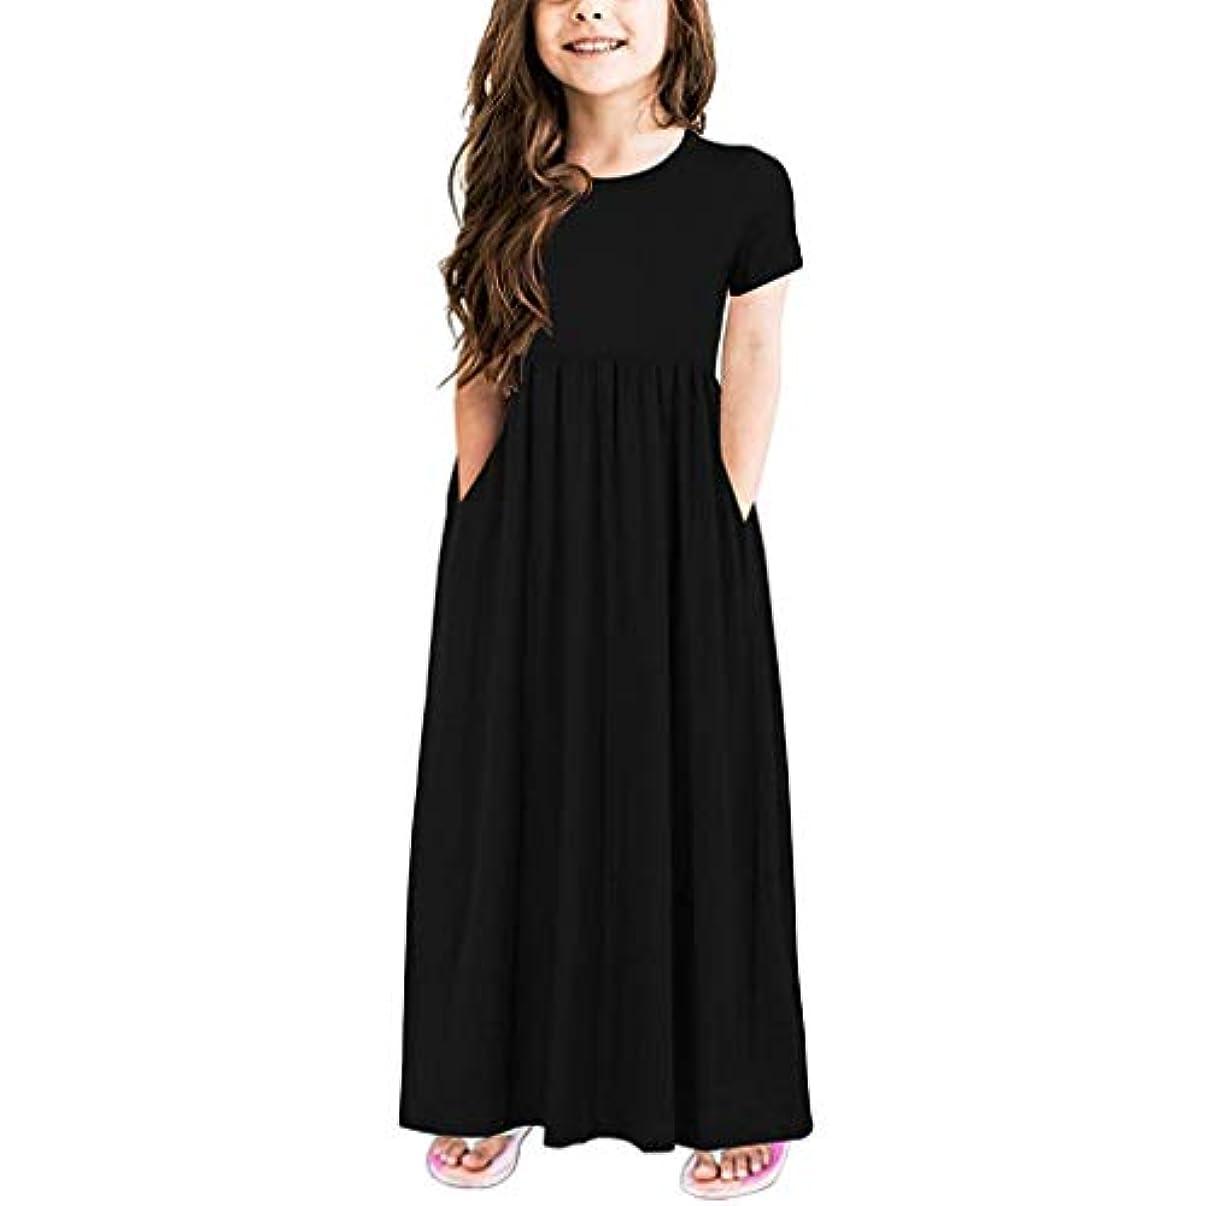 引き出すインスタンス弾力性のあるキッズ服 ドレス Jopinica 2歳~12歳 夏半袖ストライプ ?無地ロングワンピース ガールズバラック?レッドワンピース シンプルカジュアル衣装 森ガール おしゃっれ